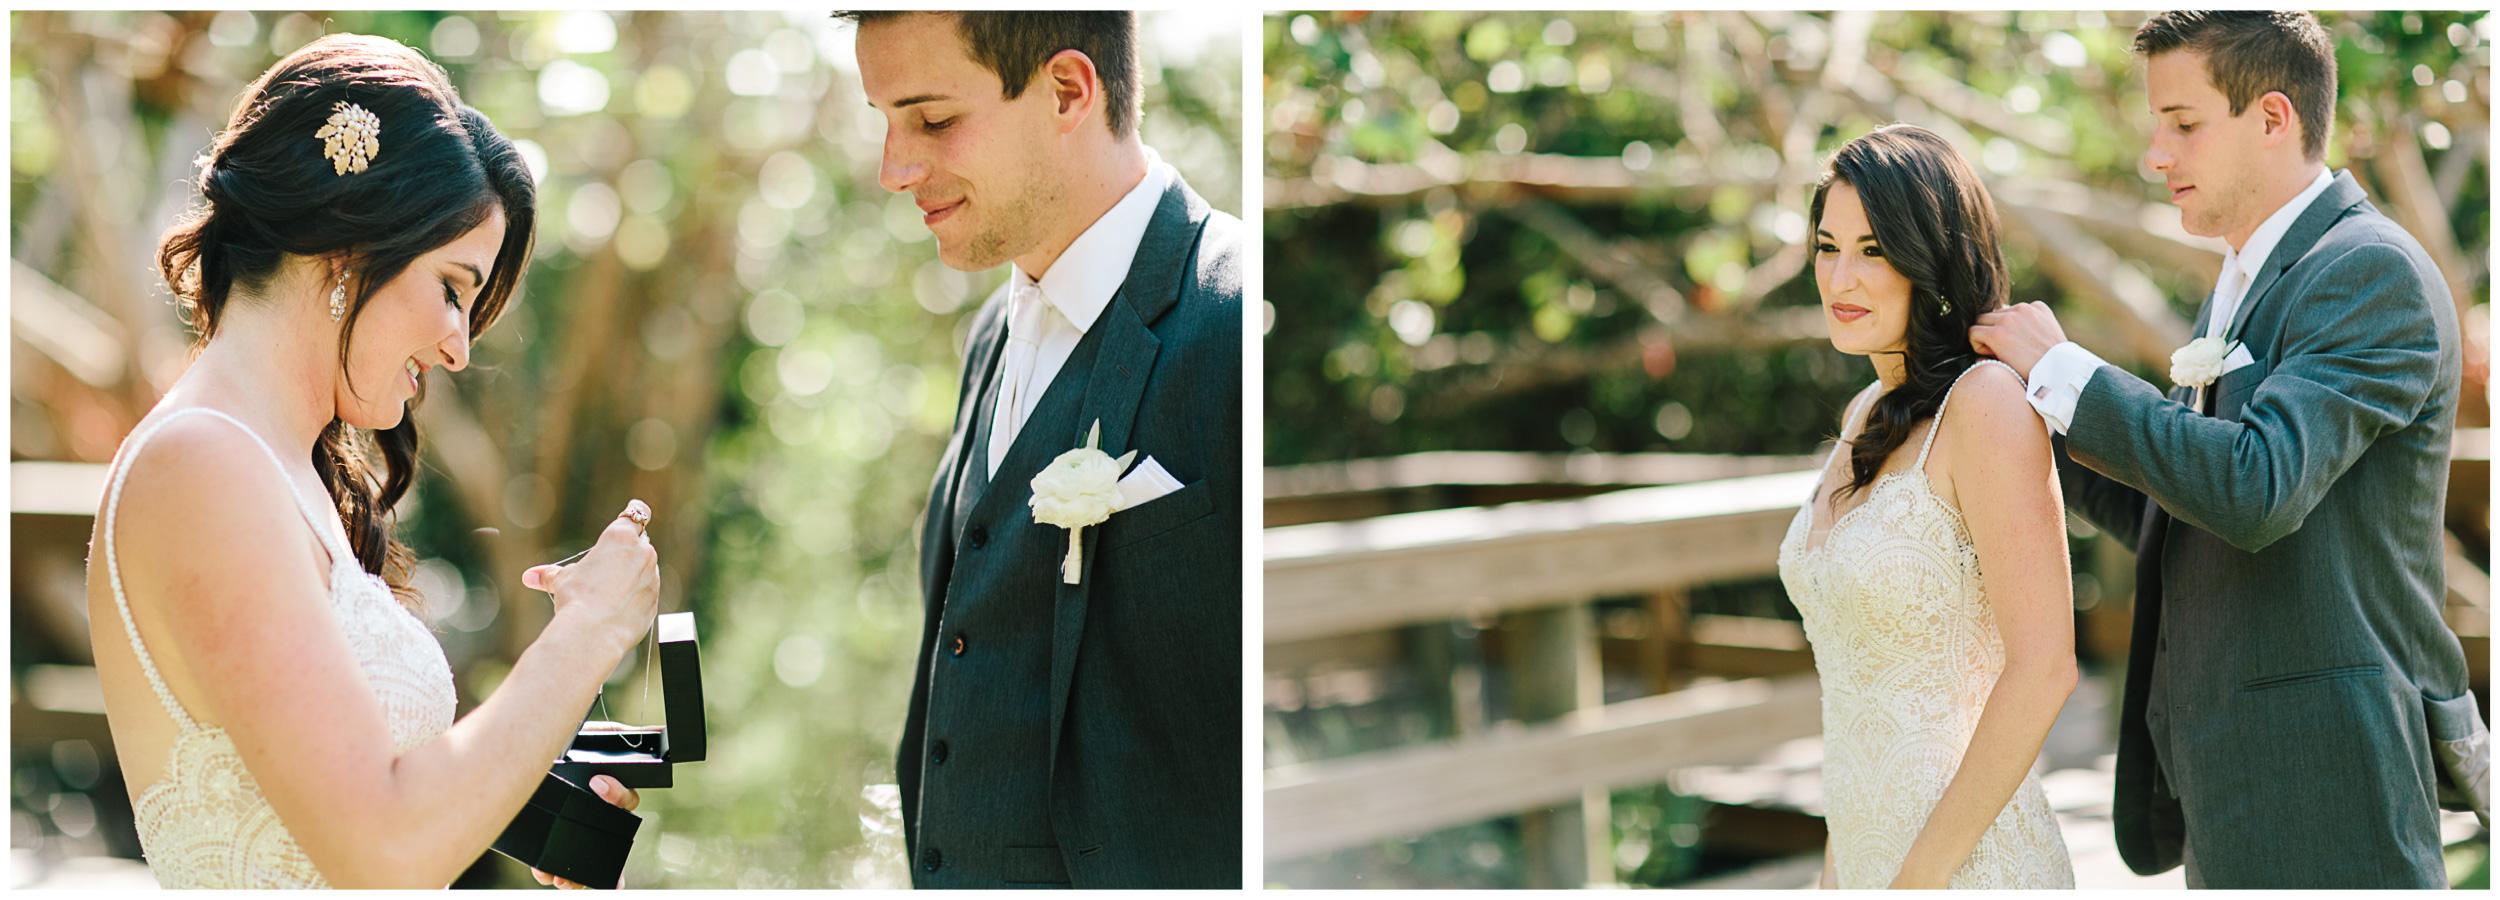 marie_selby_wedding_37.jpg